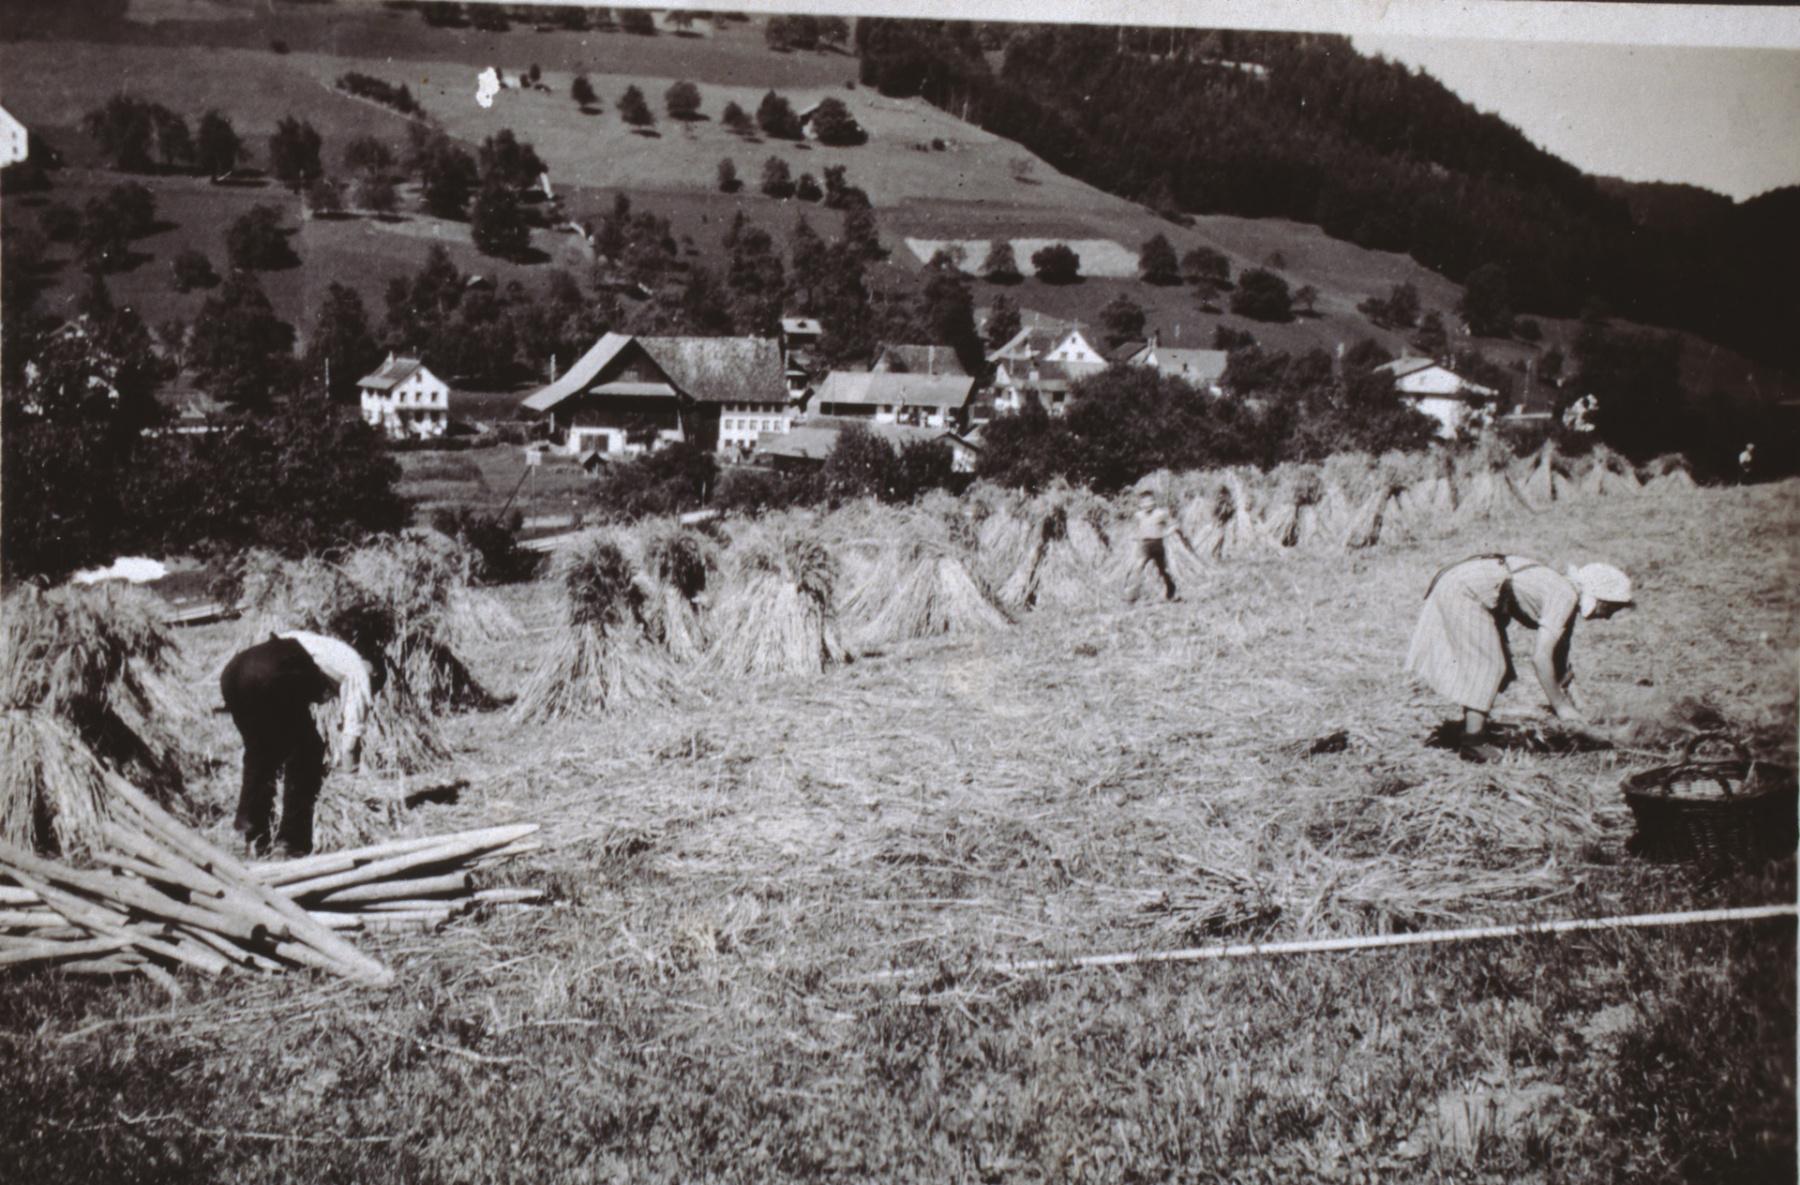 Bettswil. Sommer-Weizen, 7 Aren aufgepuppt